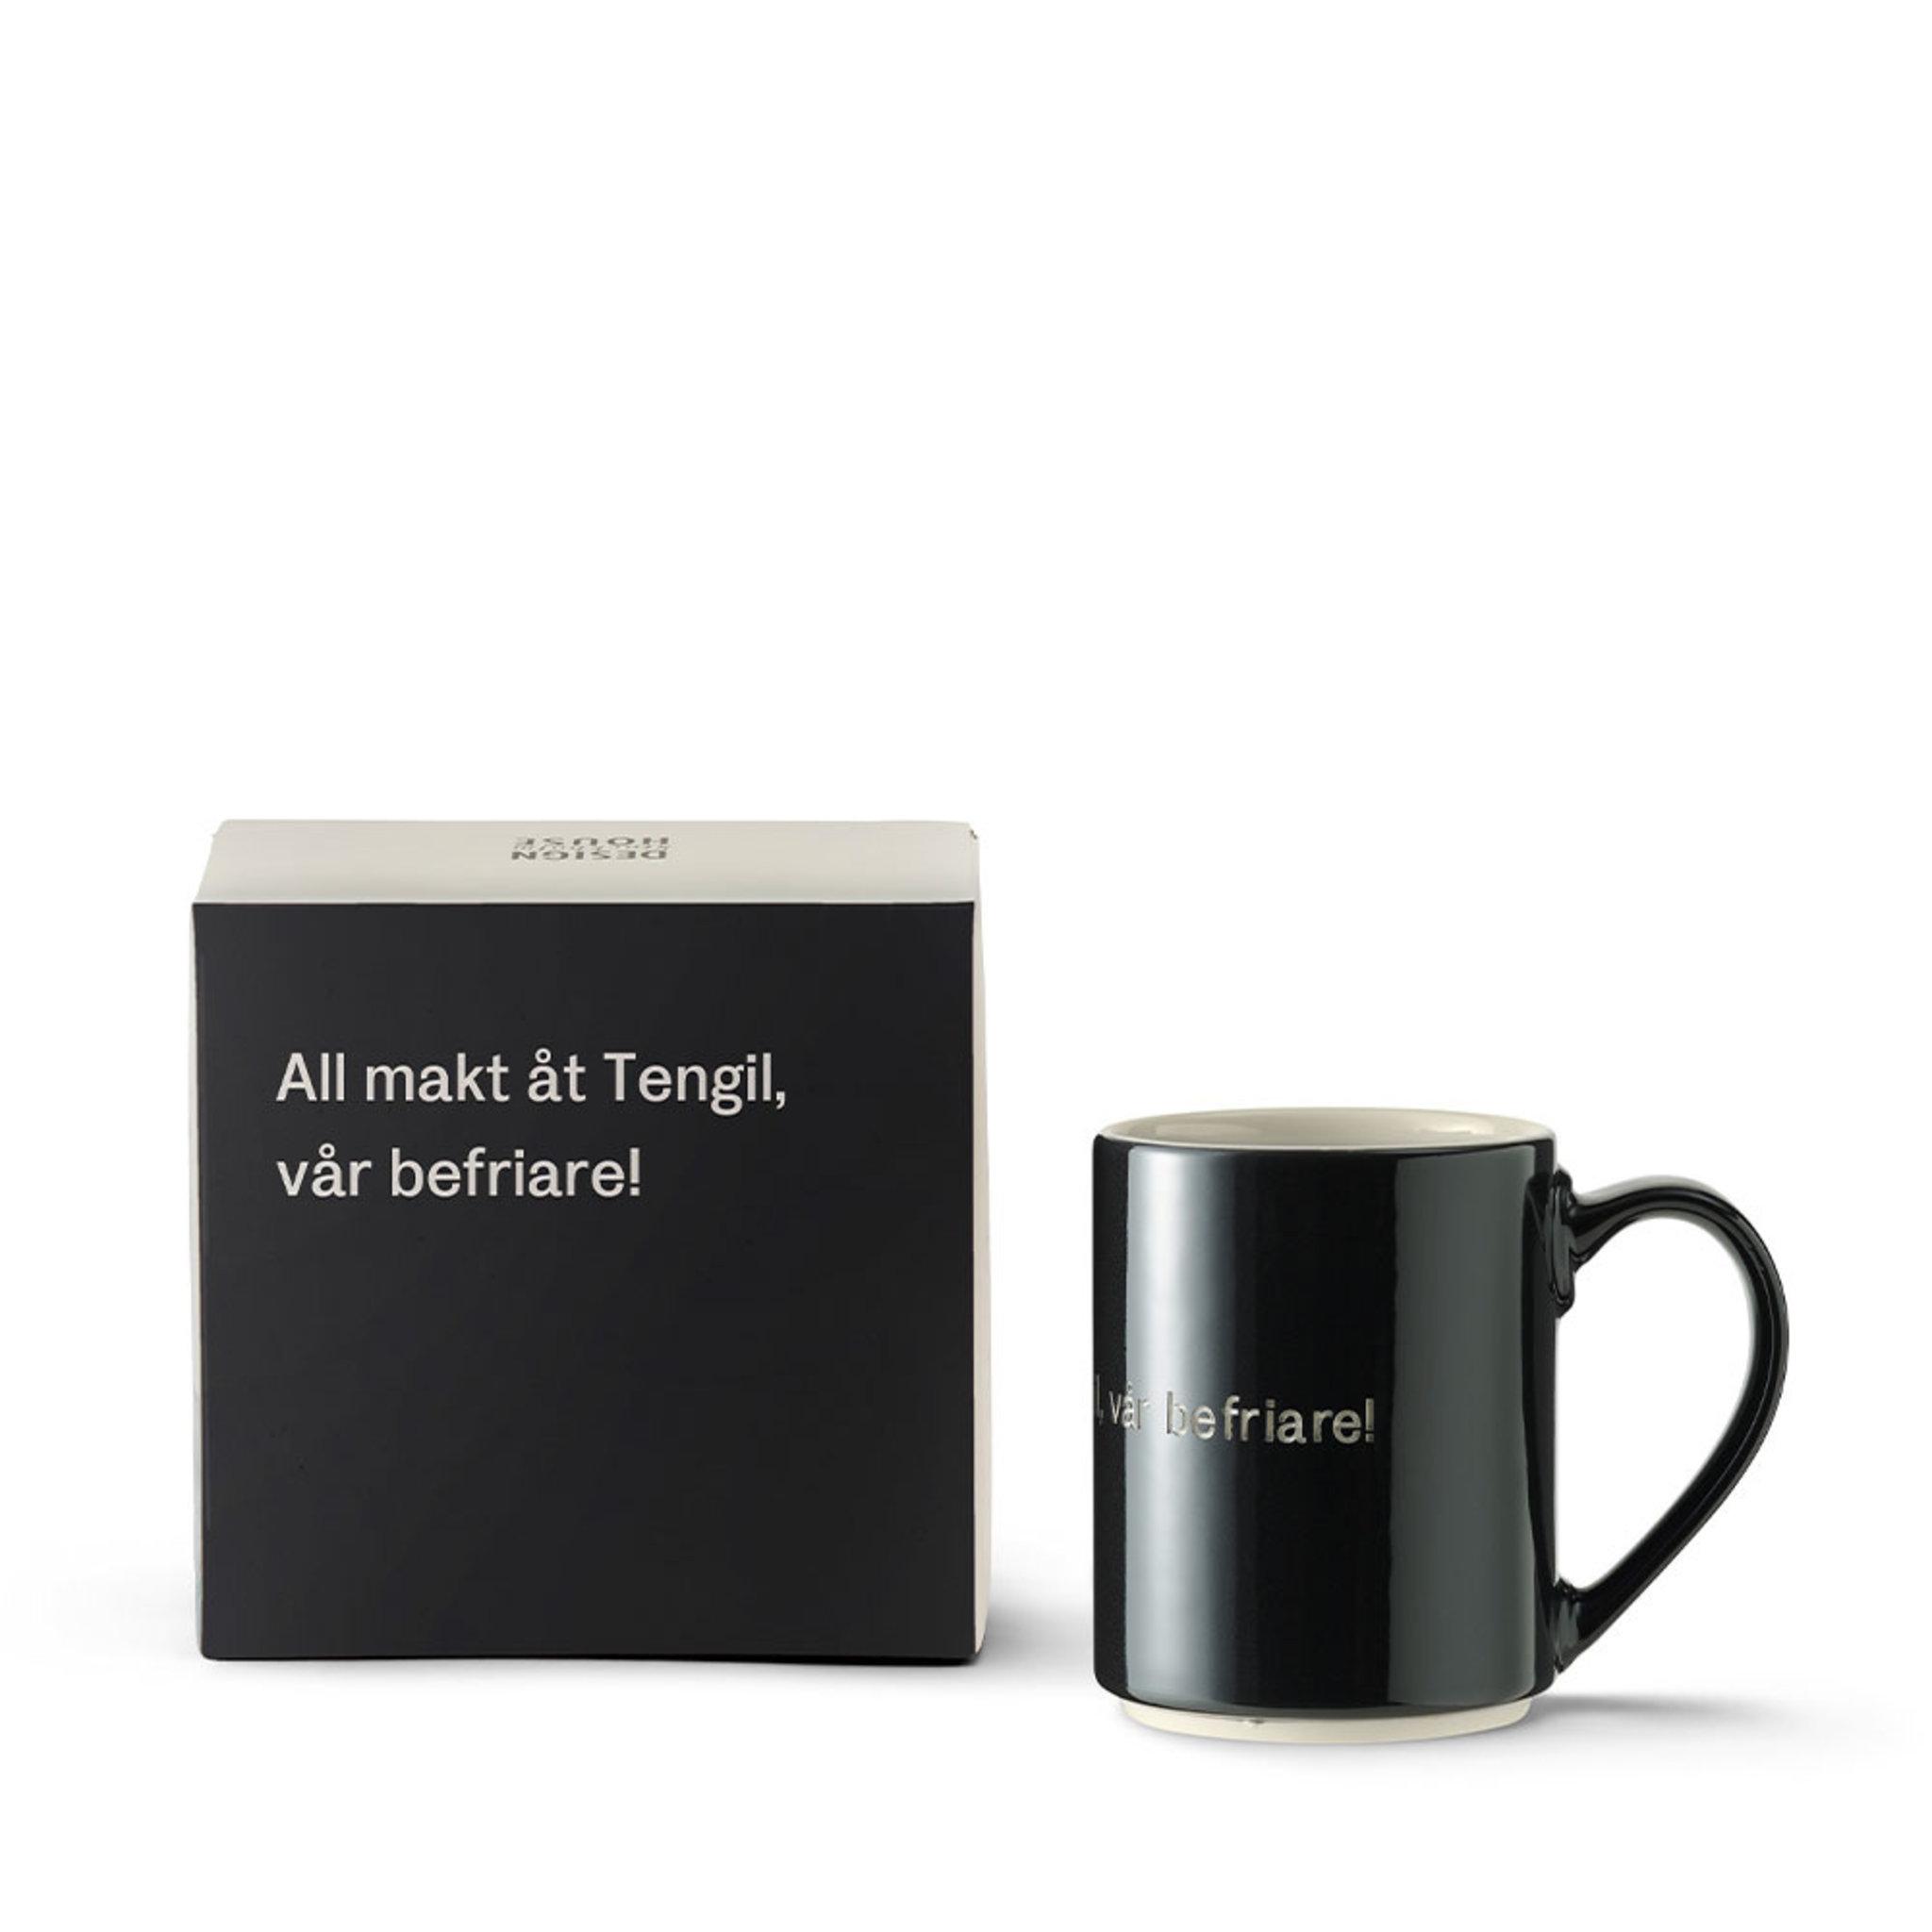 Mugg All makt åt Tengil x Astrid Lindgren